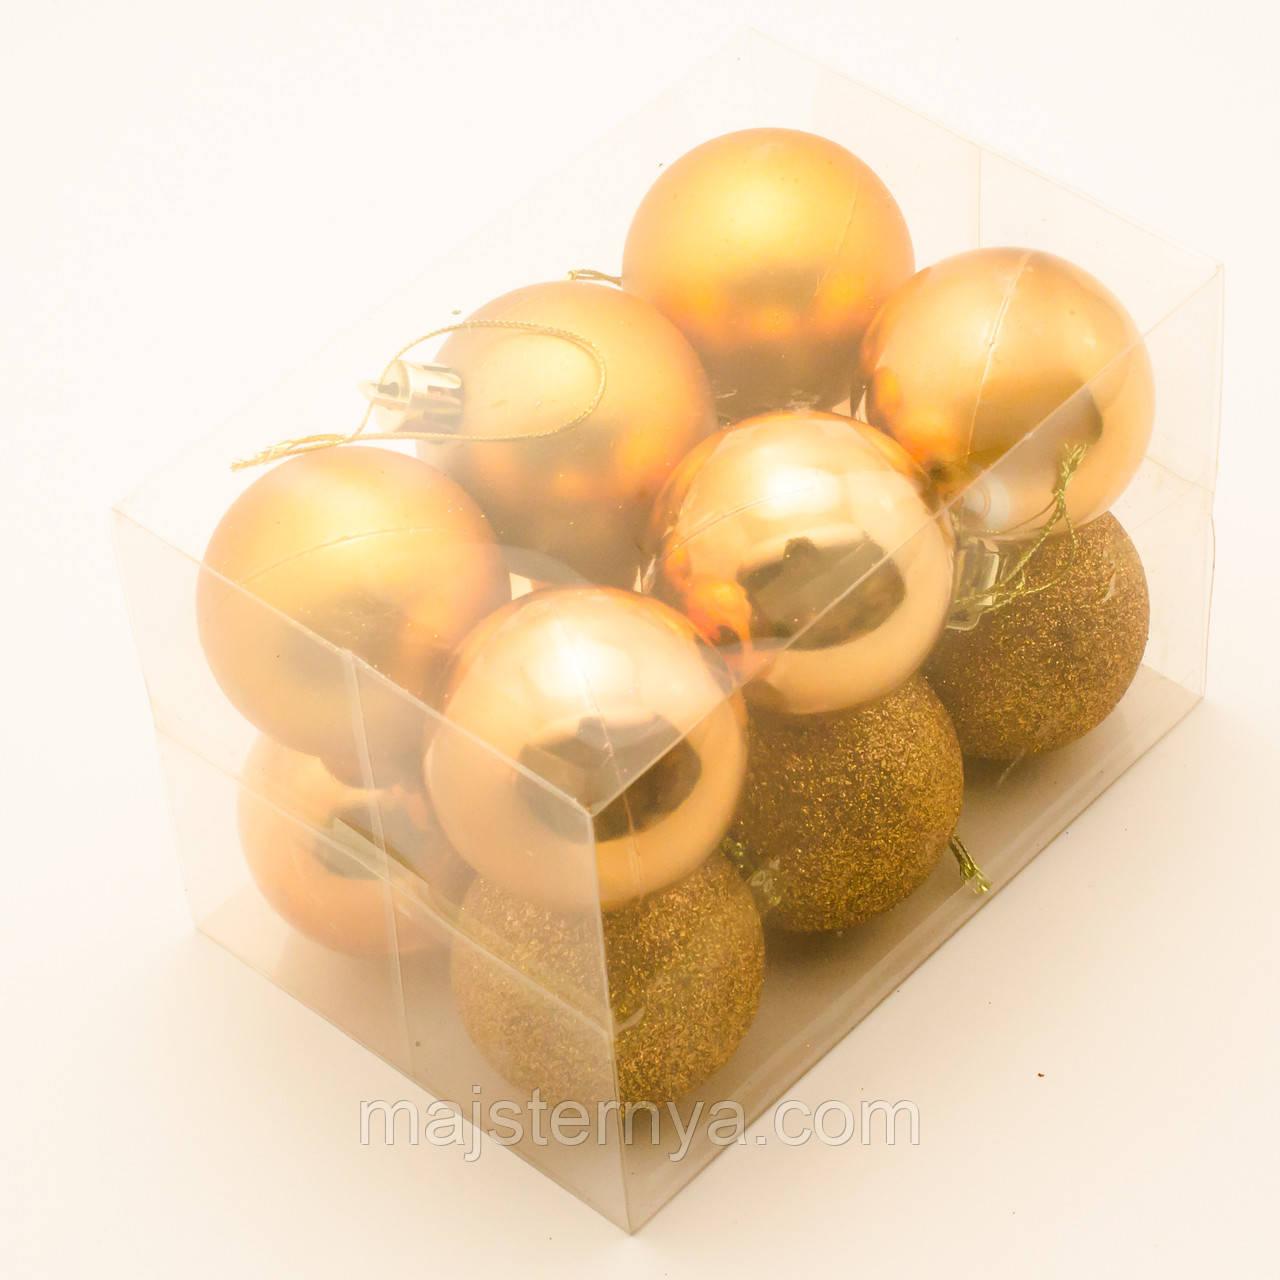 Новорічні кулі на ялинку 5см (12шт в упаковці) помаранчеві